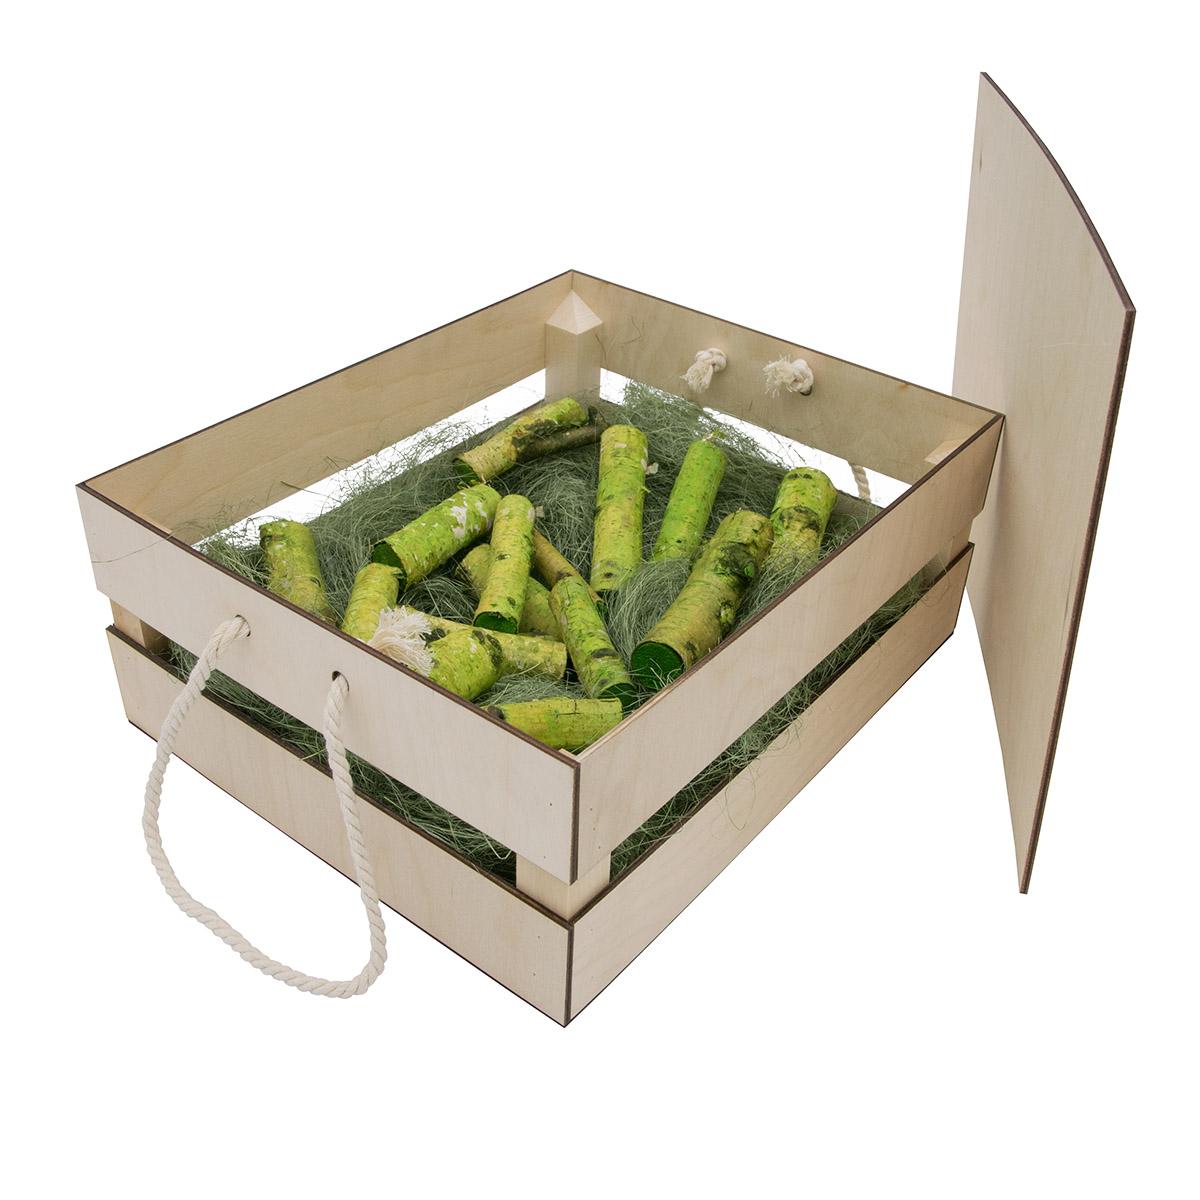 НА-015 Набор для оформления подарка 'Зеленый мужской', ящик 25*30 см, белый